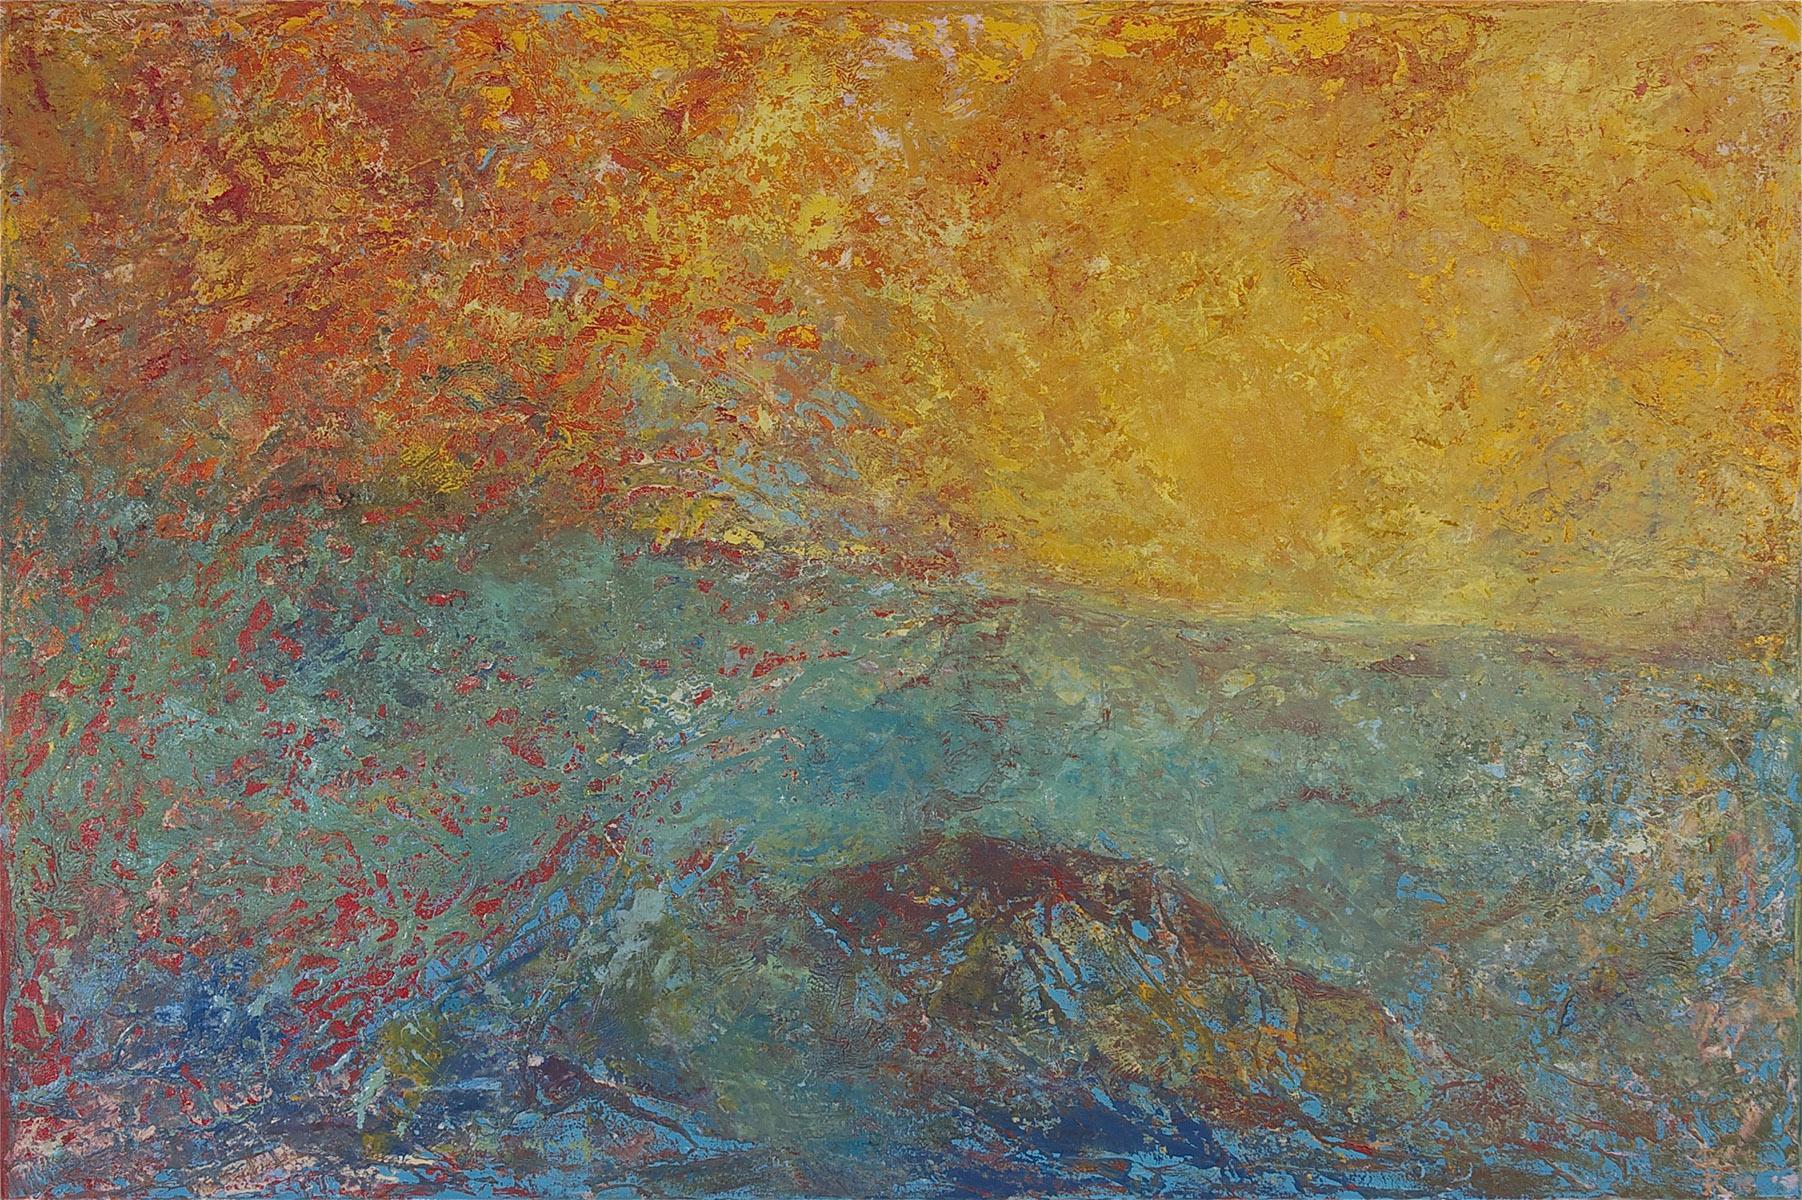 Volcanic Sky, 2013